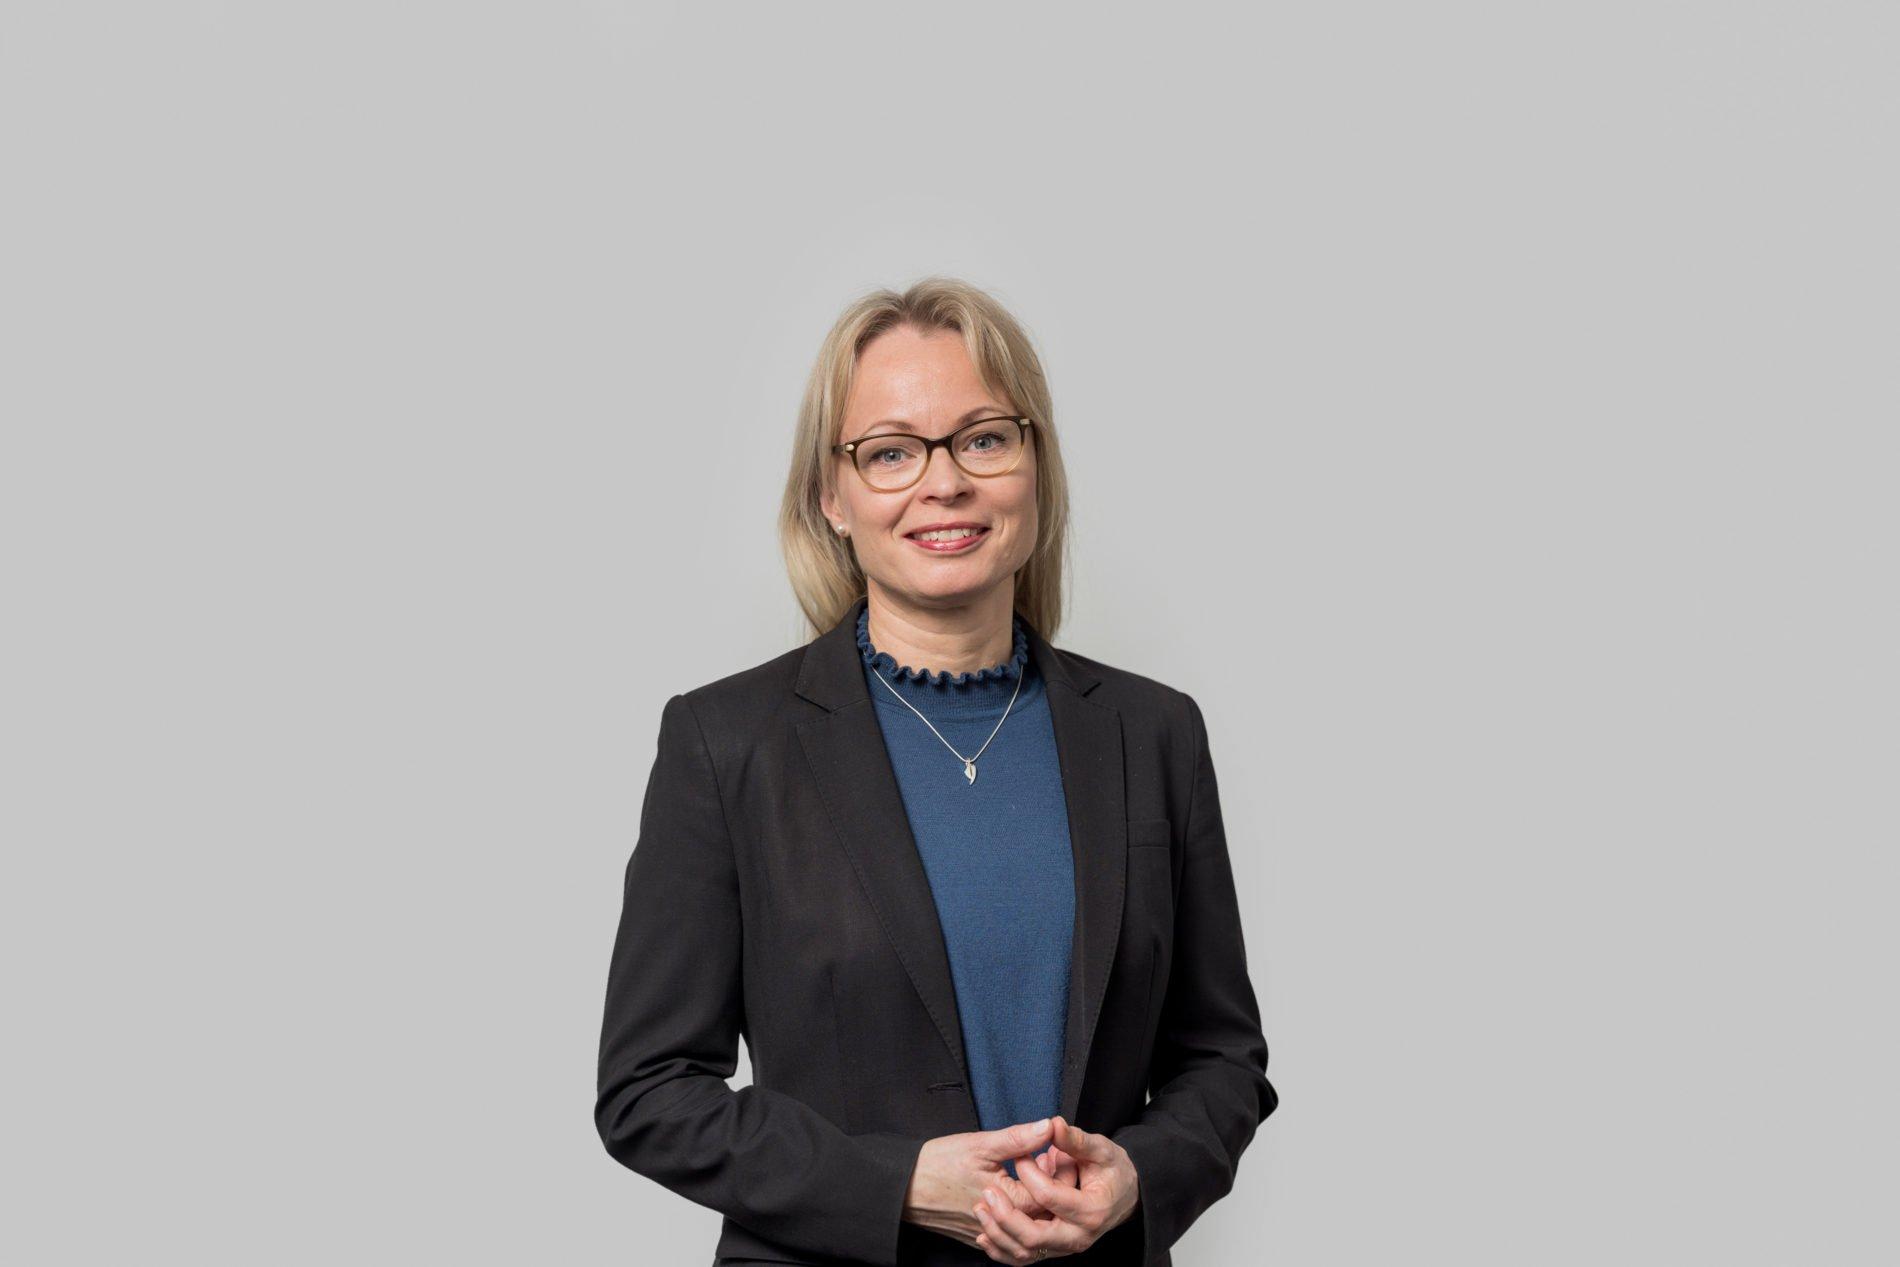 Erica Odén